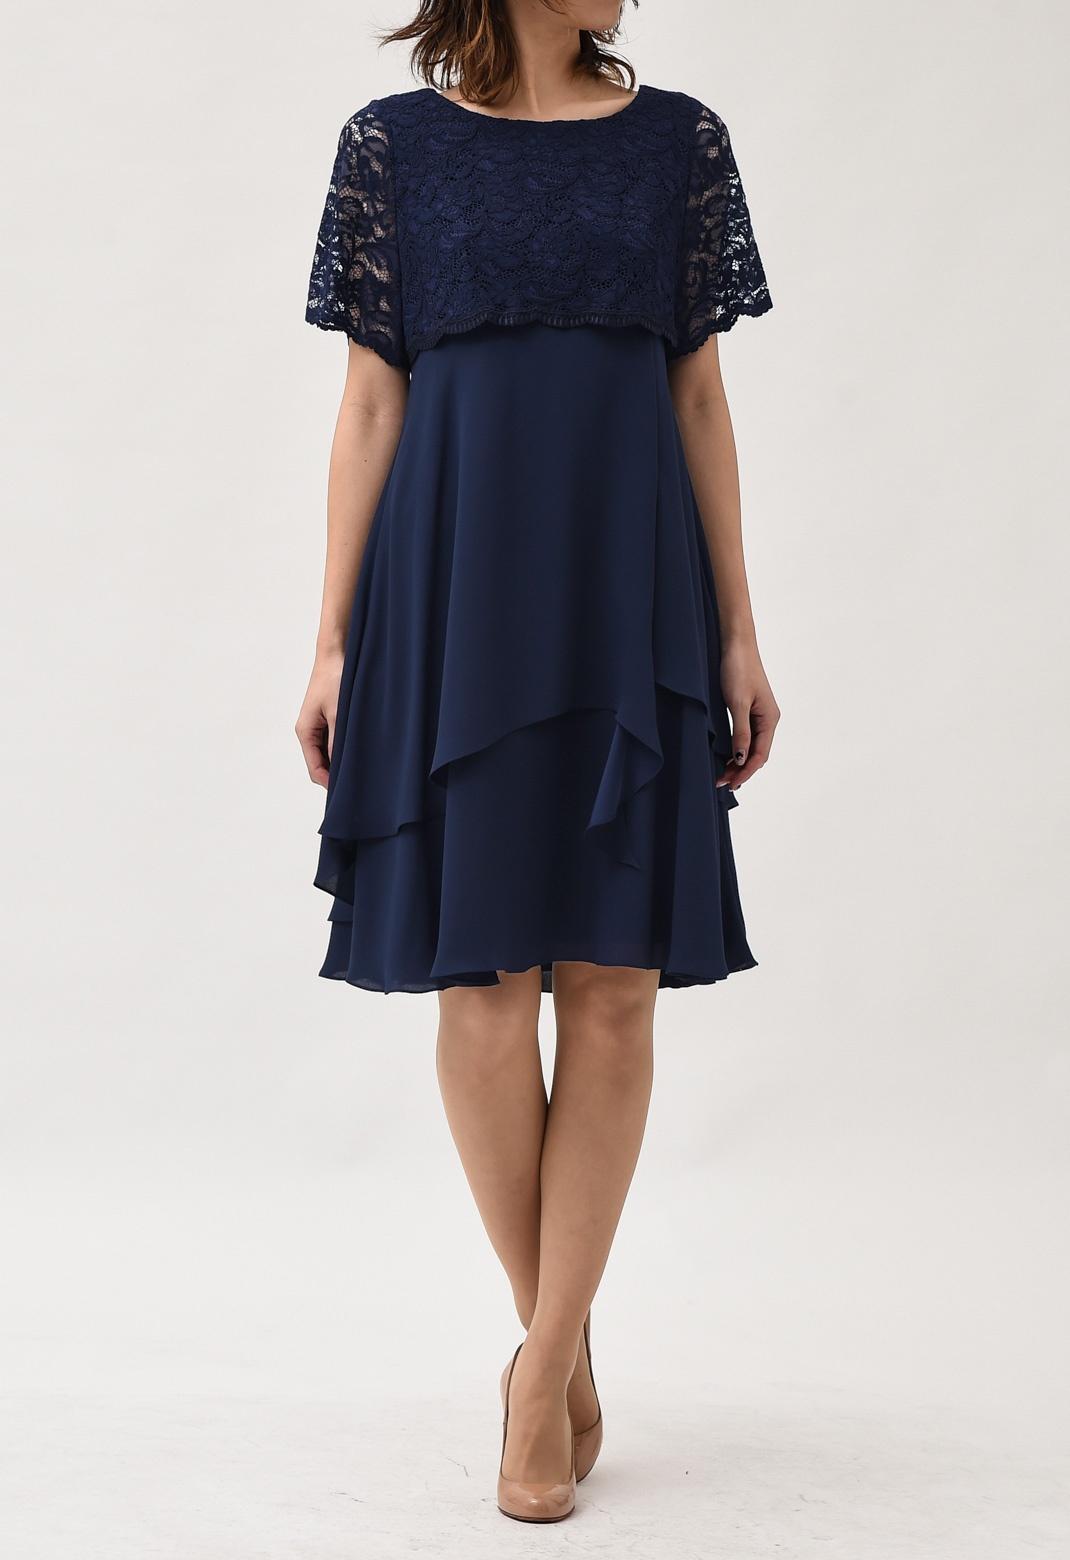 レース×シフォン ティアードスカート 半袖ドレス